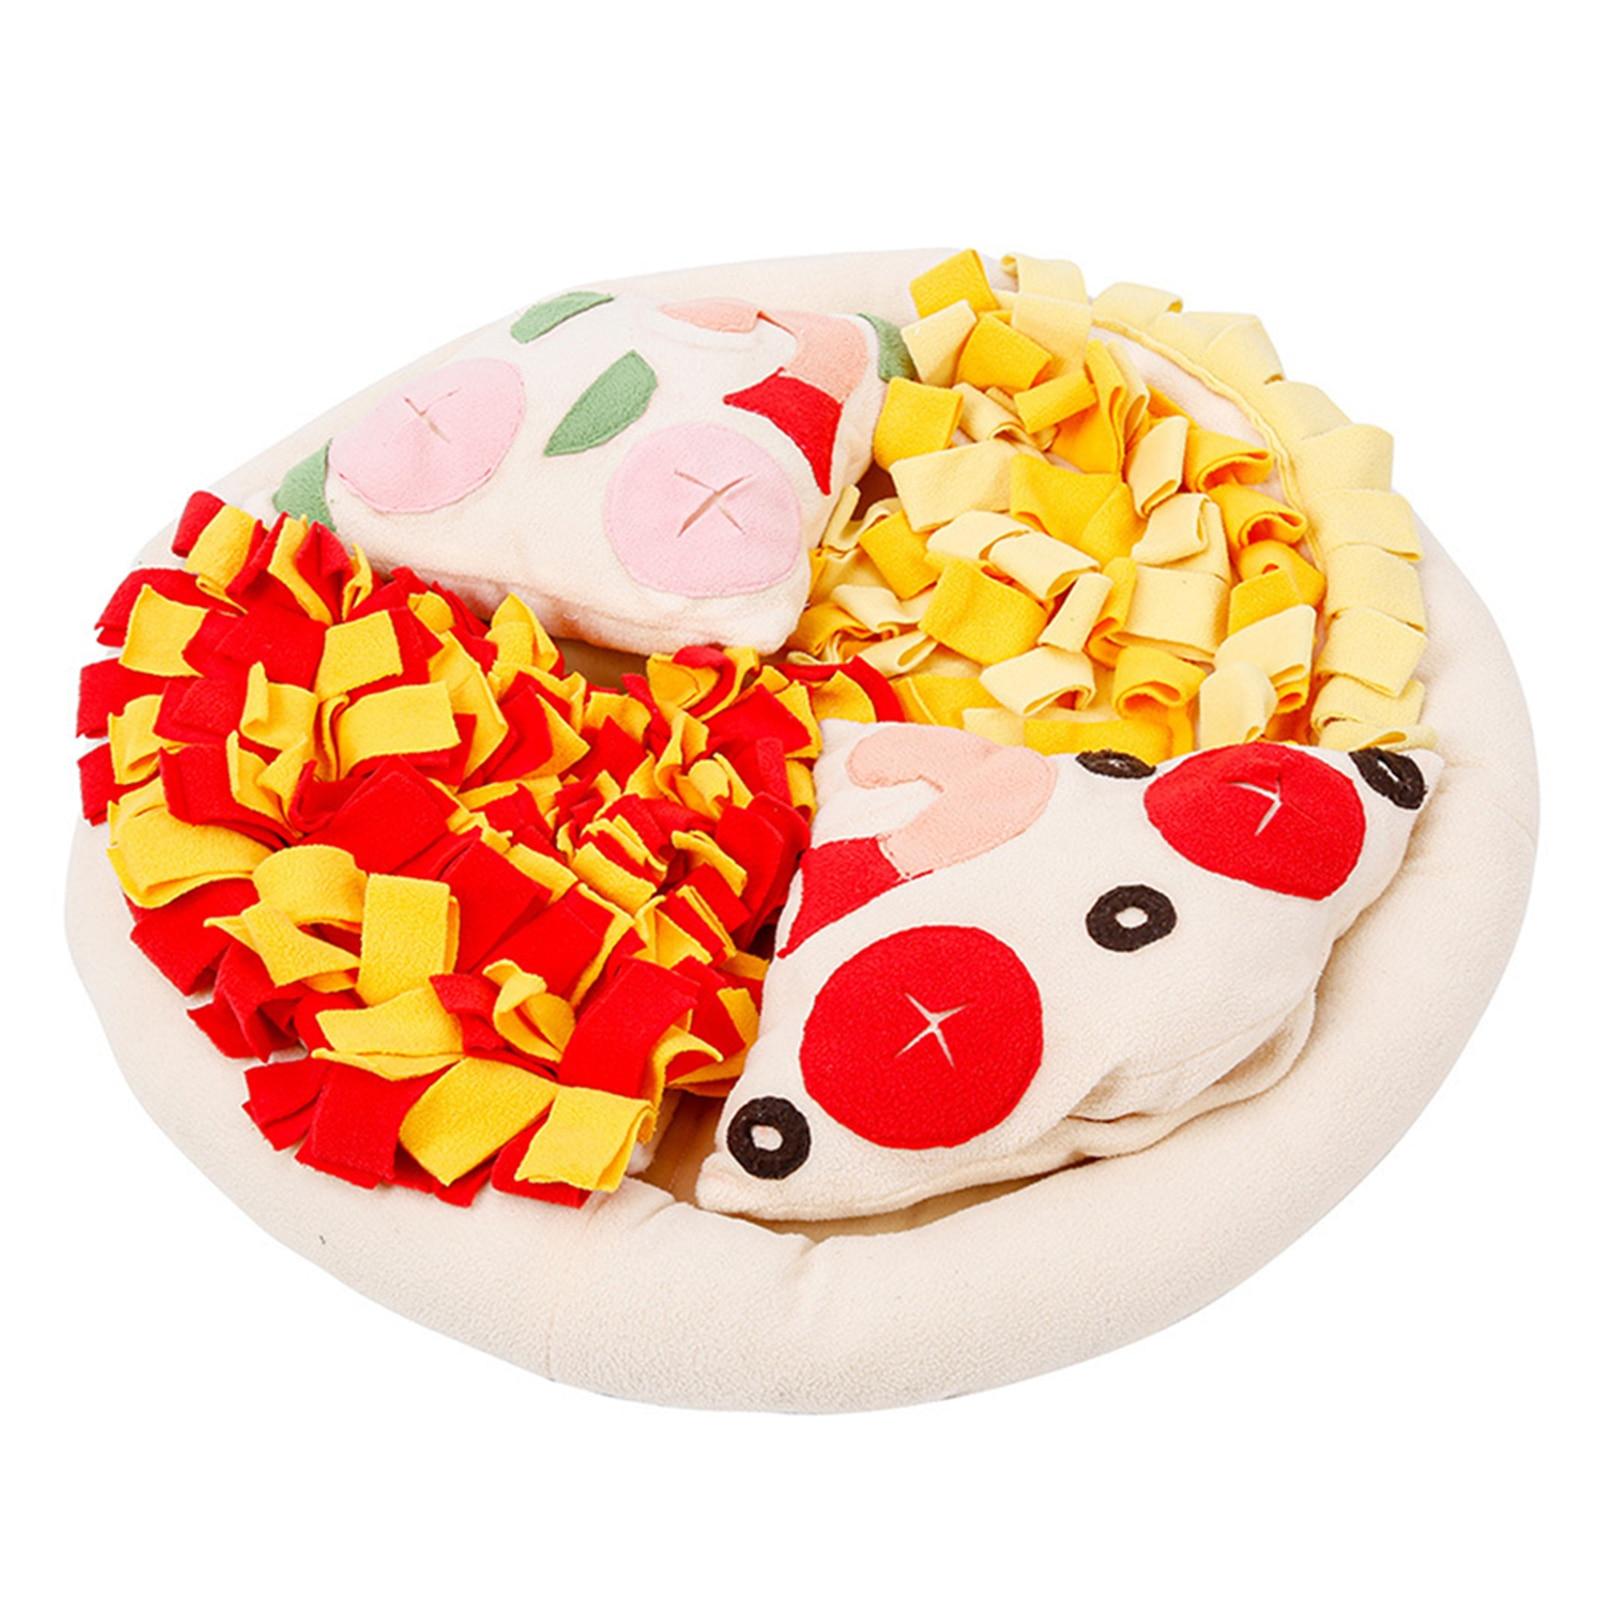 Velo de Alimentação Formação de Treinamento Suprimentos para Animais de Estimação Pizza Redonda Snuffle Esteira Lenta Antiderrapante Habilidade Nariz Trabalho Destacável Brinquedo Cão